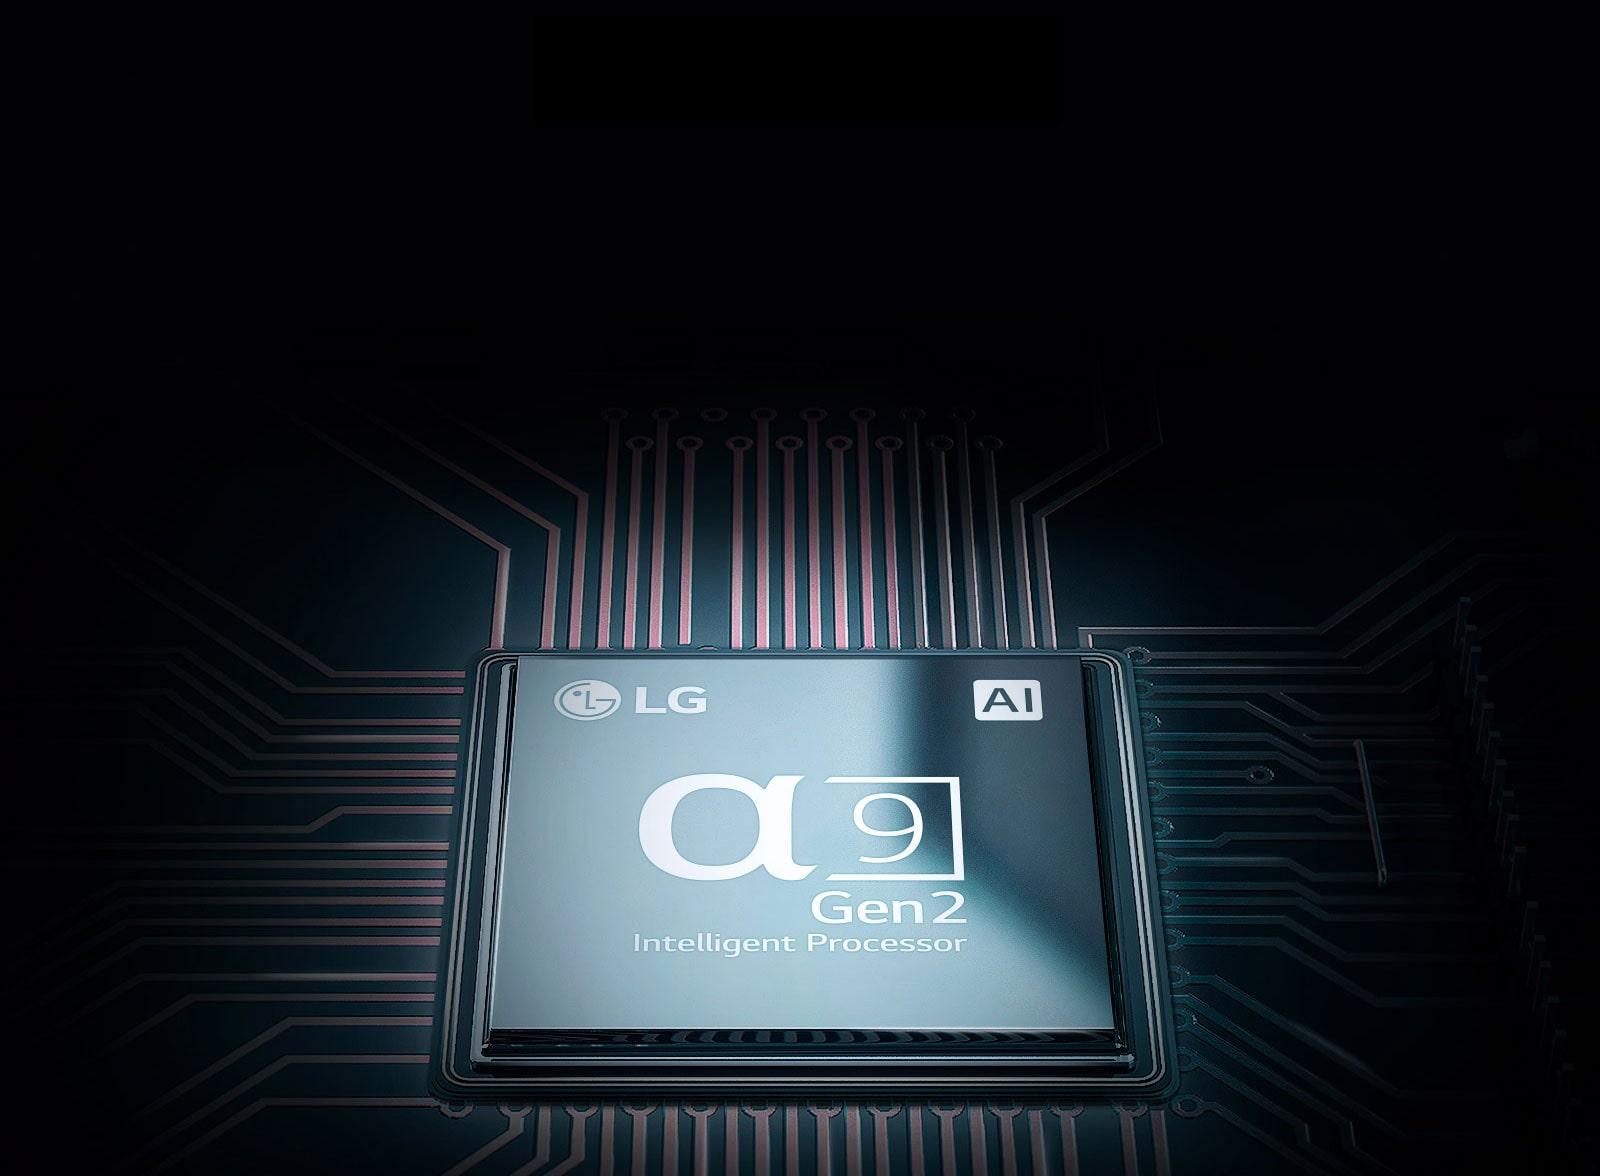 TV-OLED-C9-01-Alpha9-Gen-2-Desktop-v1